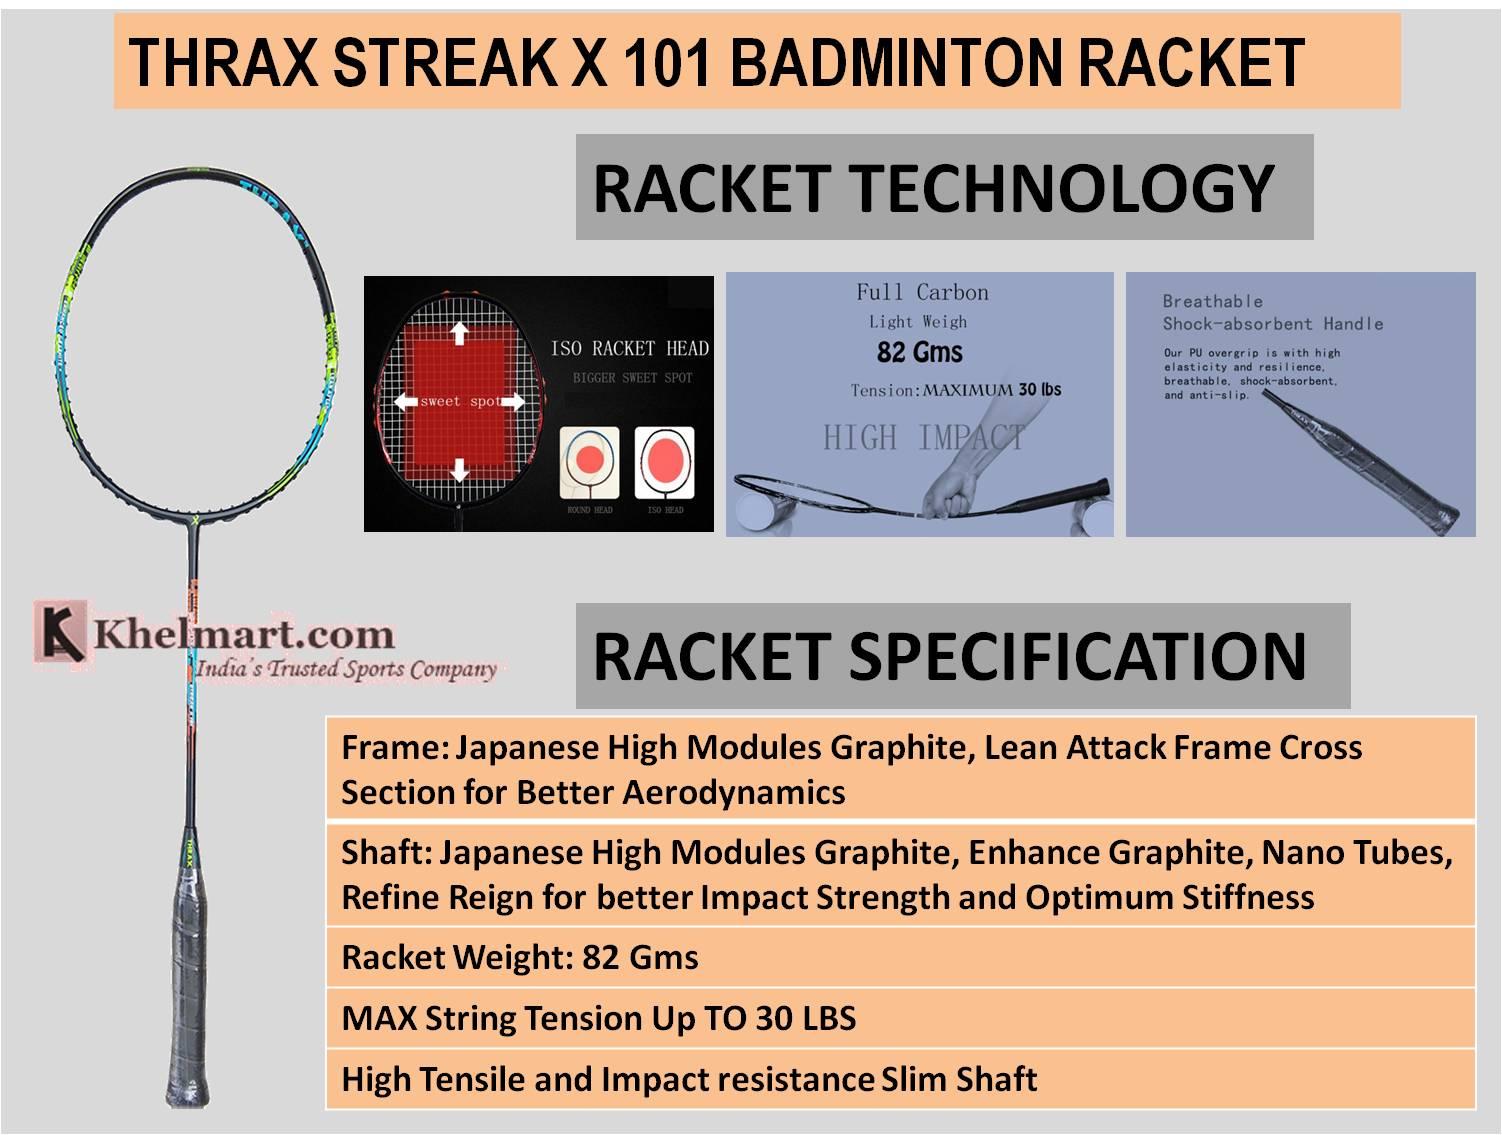 THRAX_STREAK_X_101_BADMINTON_RACKET